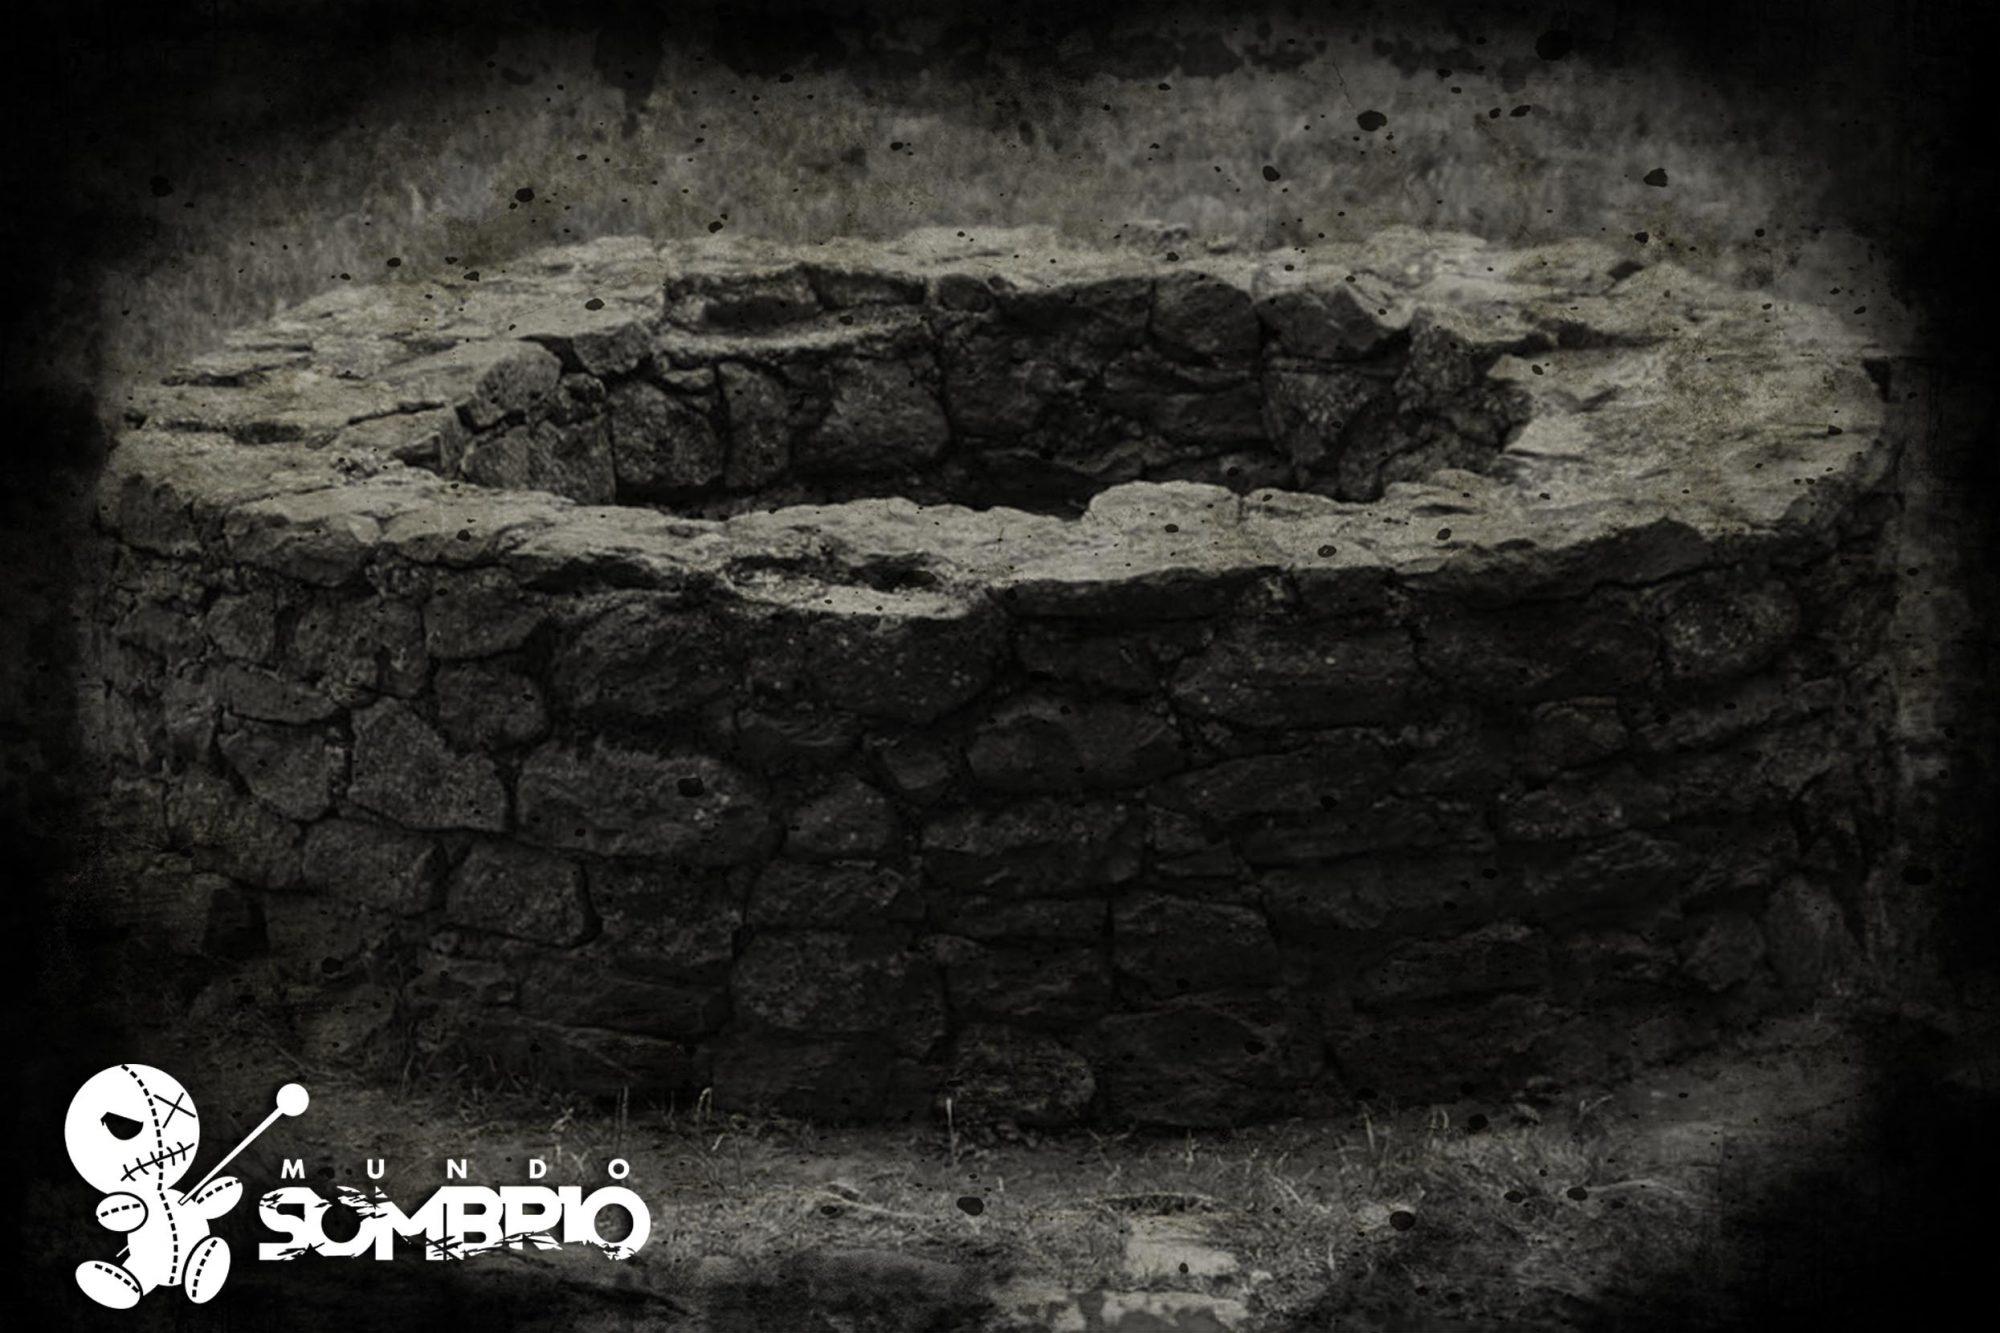 poço abandonado história de terror